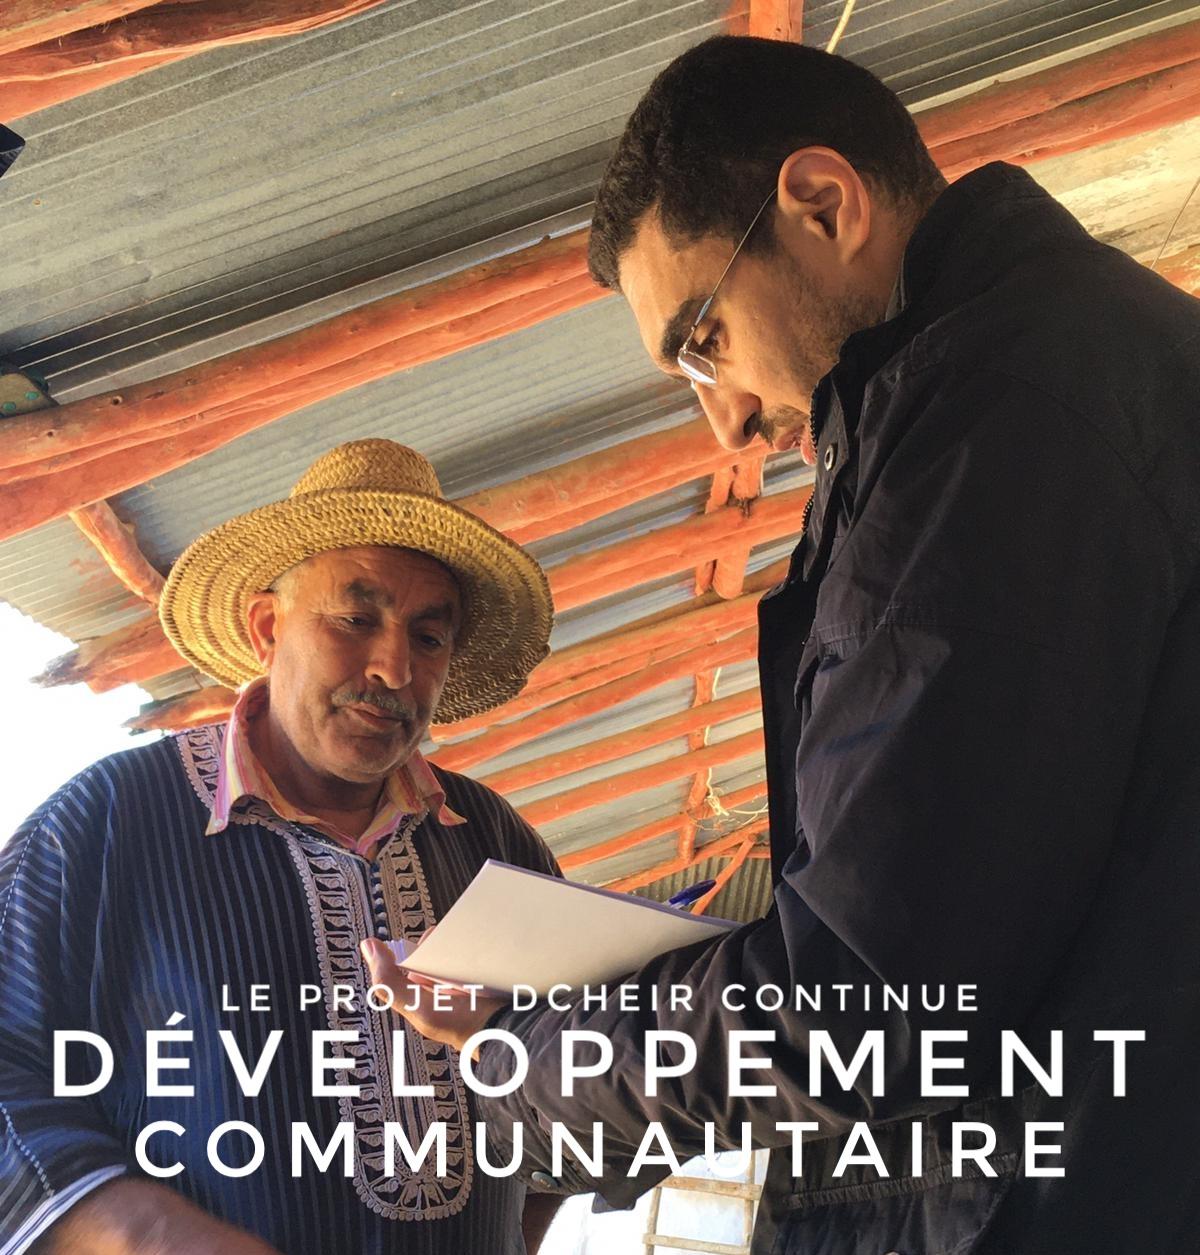 Développement Communautaire – Le projet Dcheir continue